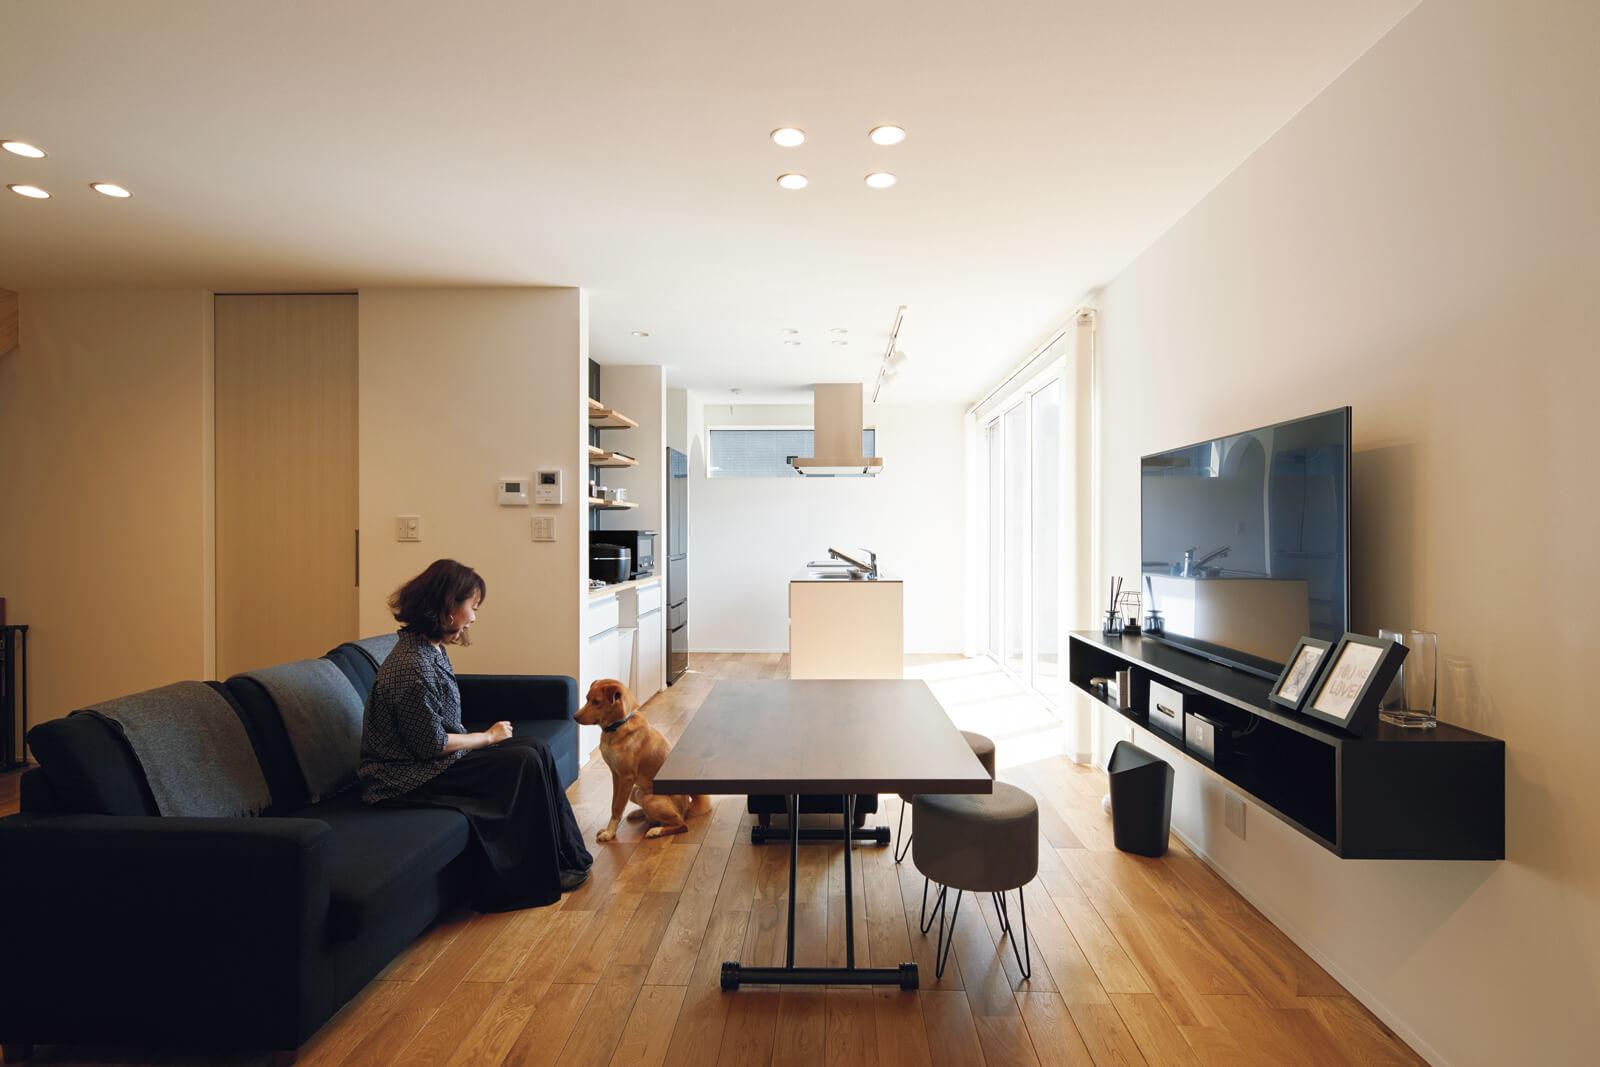 Aさんご夫妻は二人ともモノトーン好き。白い壁と無垢材の床、黒やダークグレーの家具類などバランスが見事